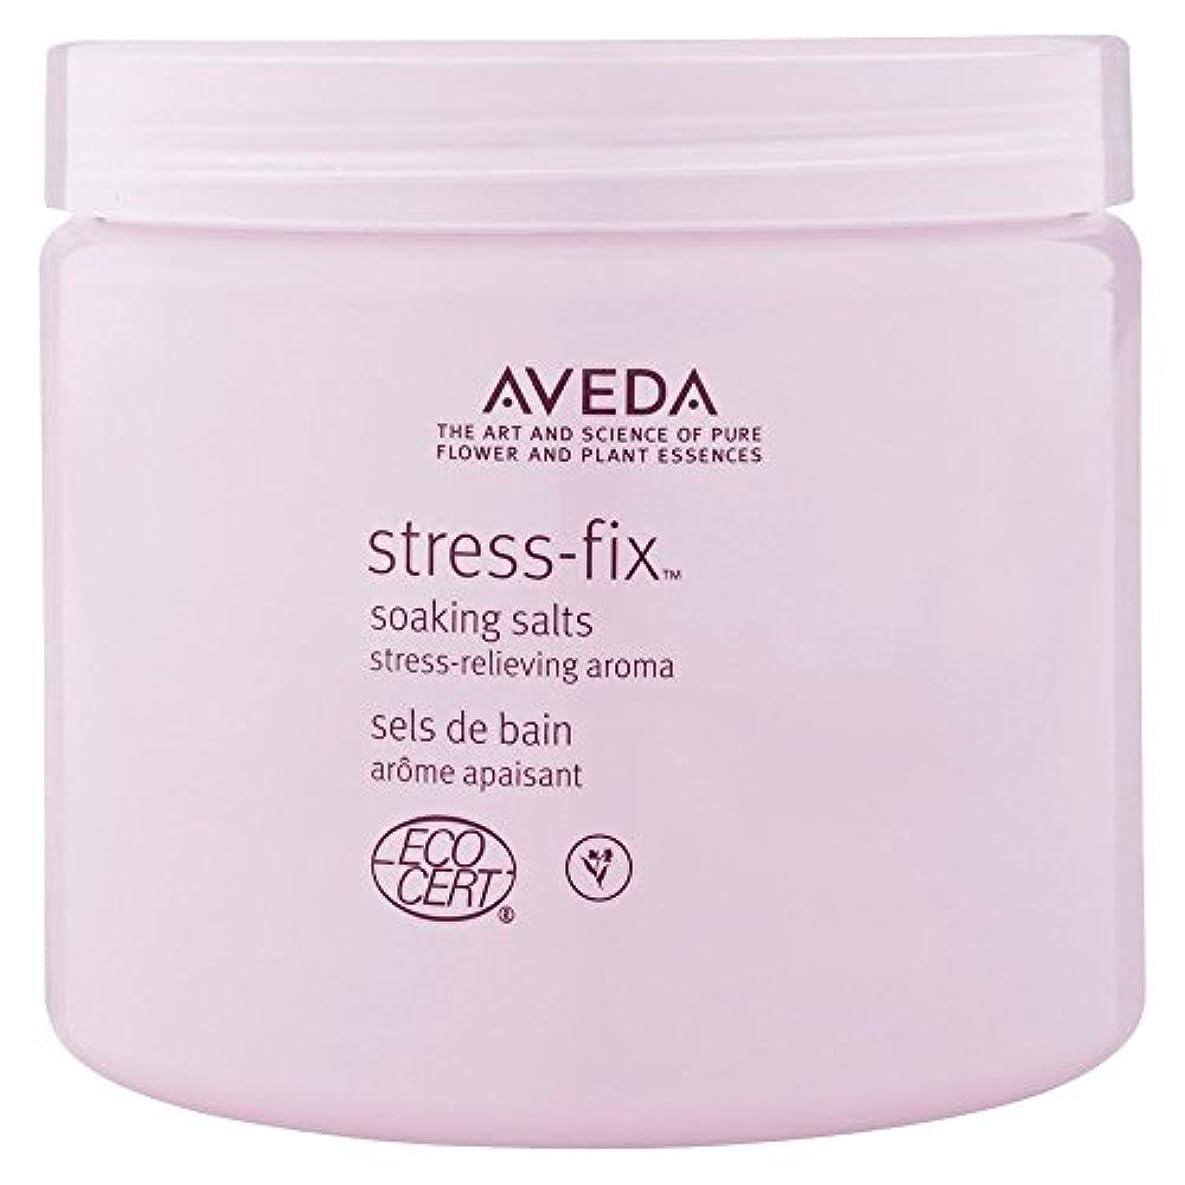 修正する芝生枯れる[AVEDA] アヴェダストレスフィックス均熱塩454グラム - Aveda Stress-Fix Soaking Salts 454g [並行輸入品]